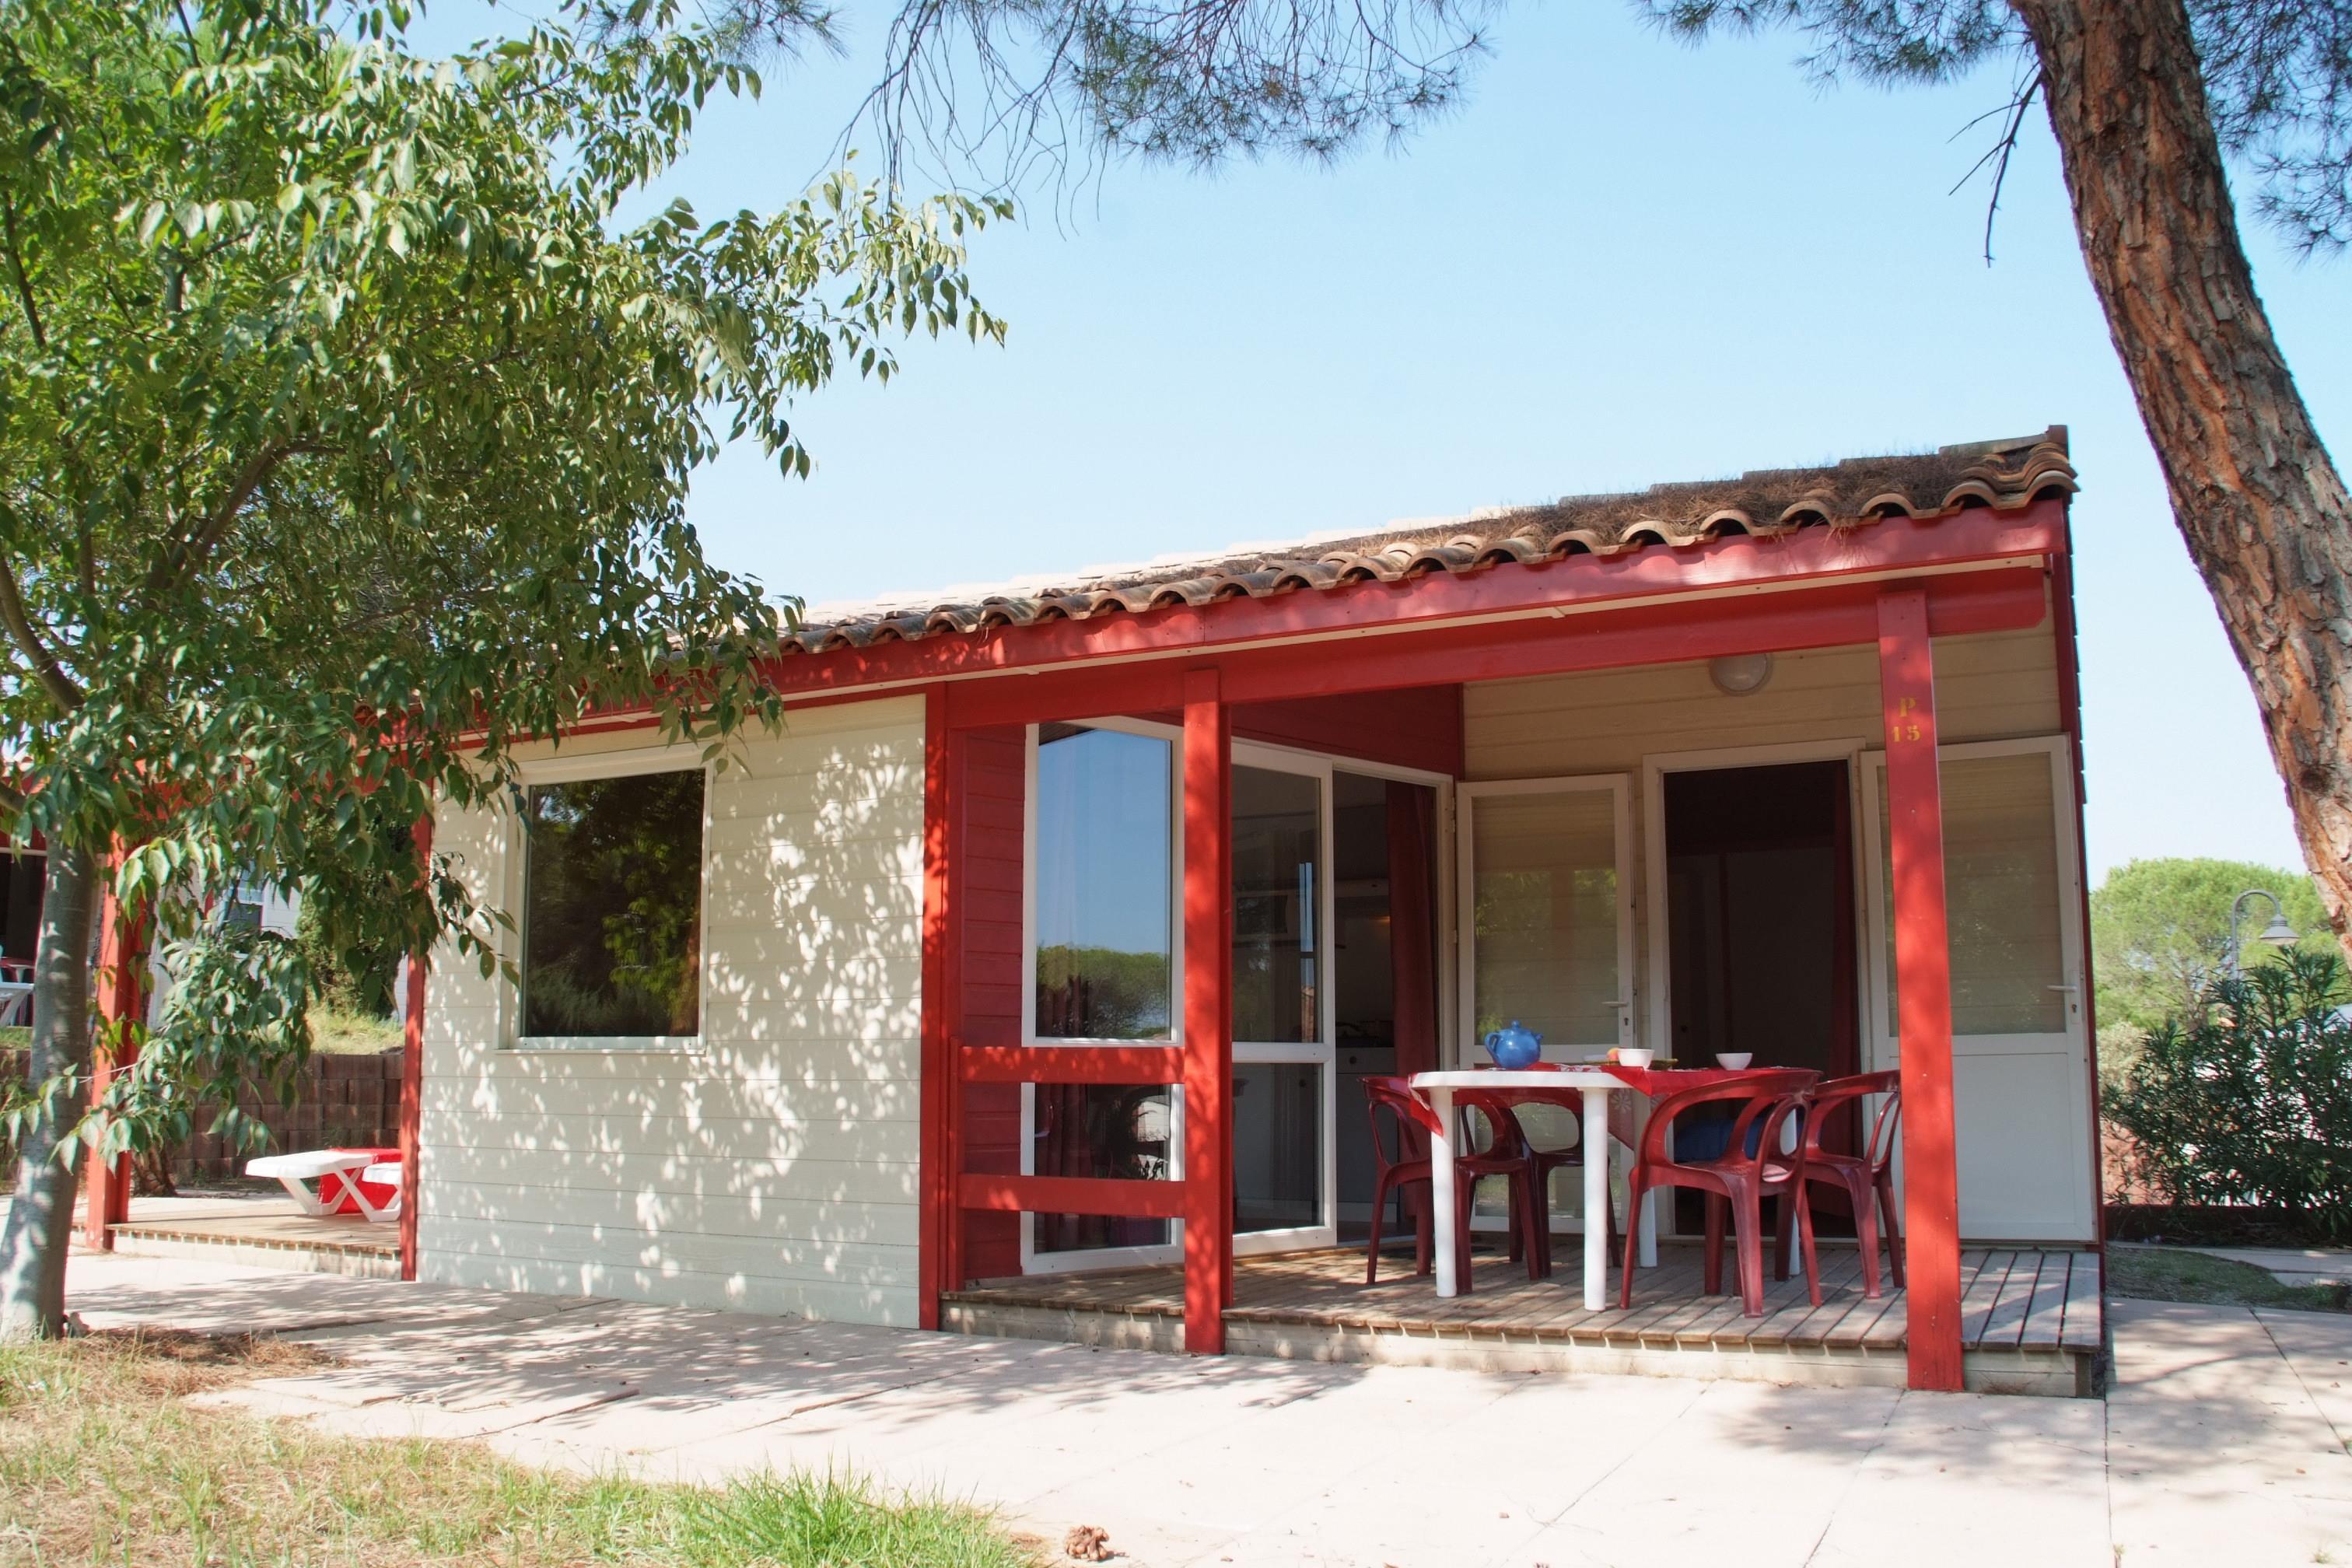 Location - Chalet Tikal 4 Pers. Premium + 1 Place Véhicule. Premium - Camping Les Cigales